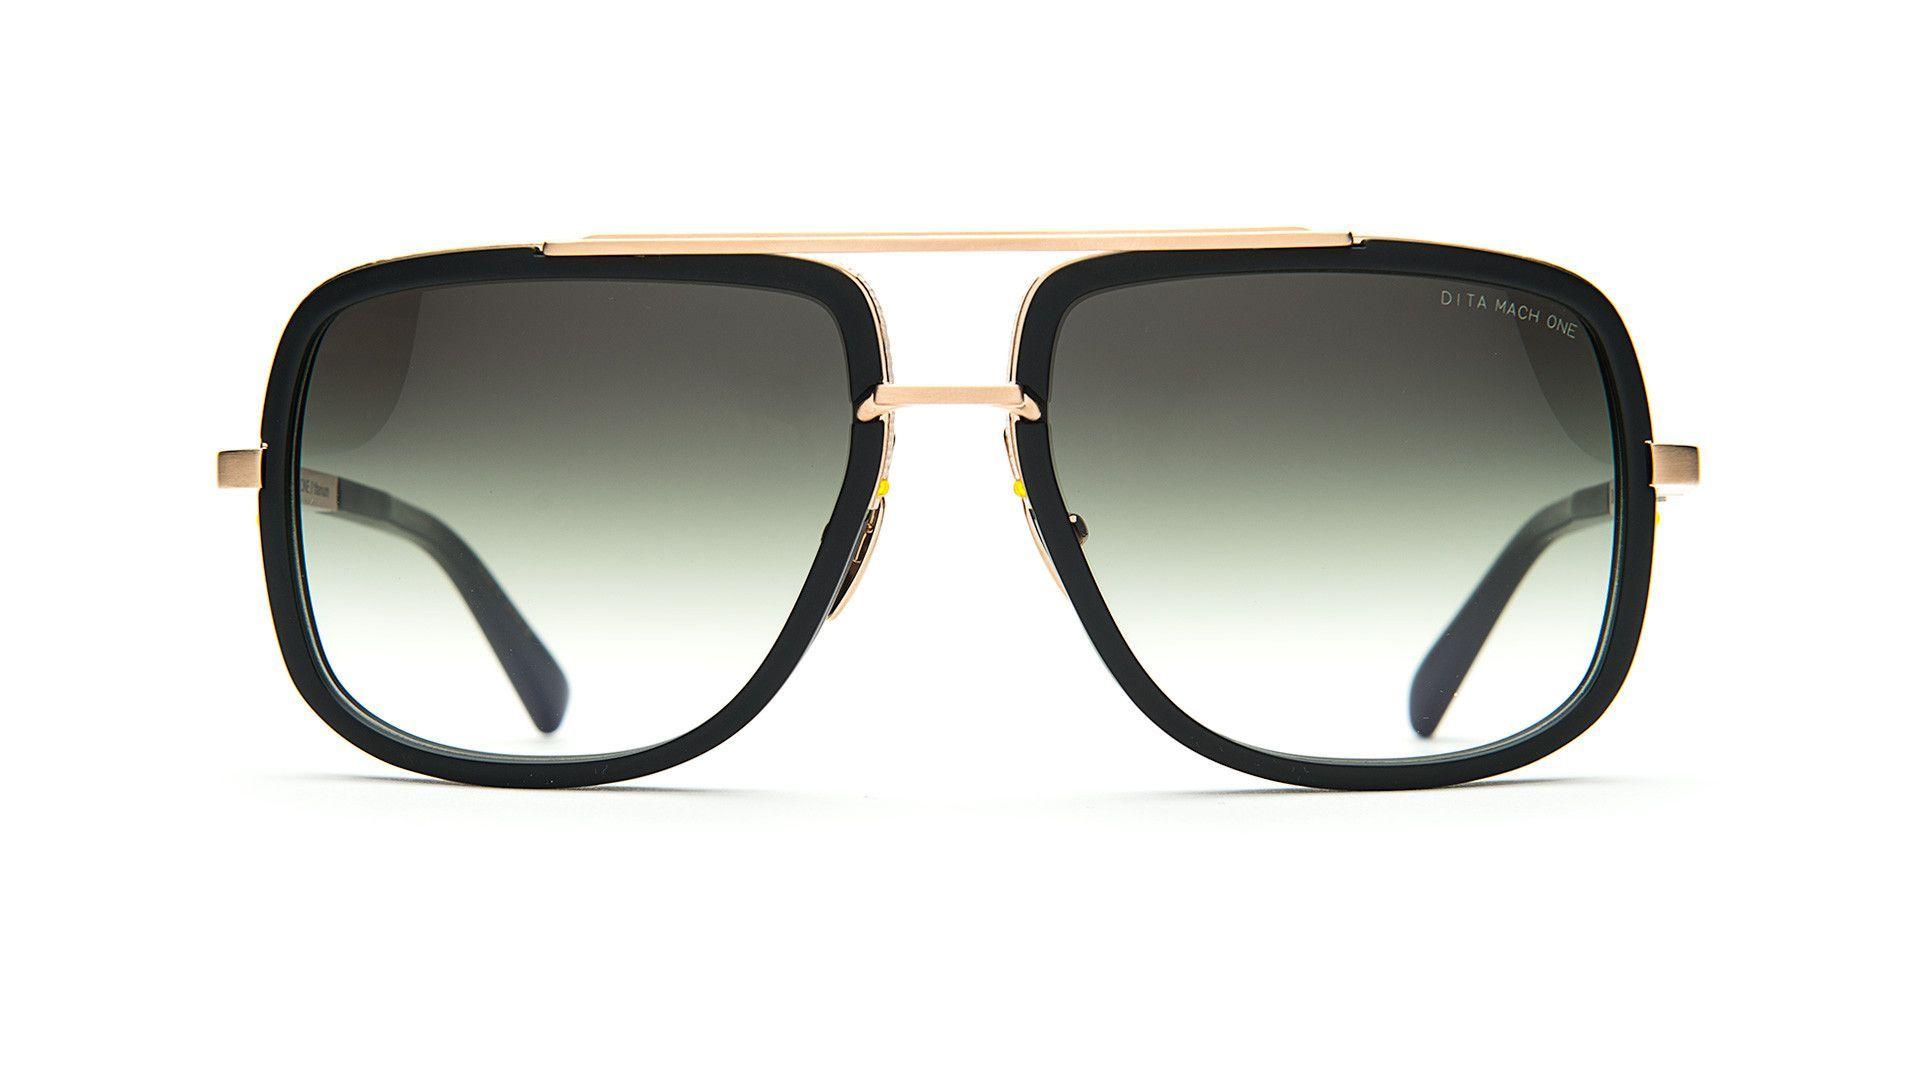 MACH ONE-Matte Black / Matte Gold / G15 Gradient-59/15